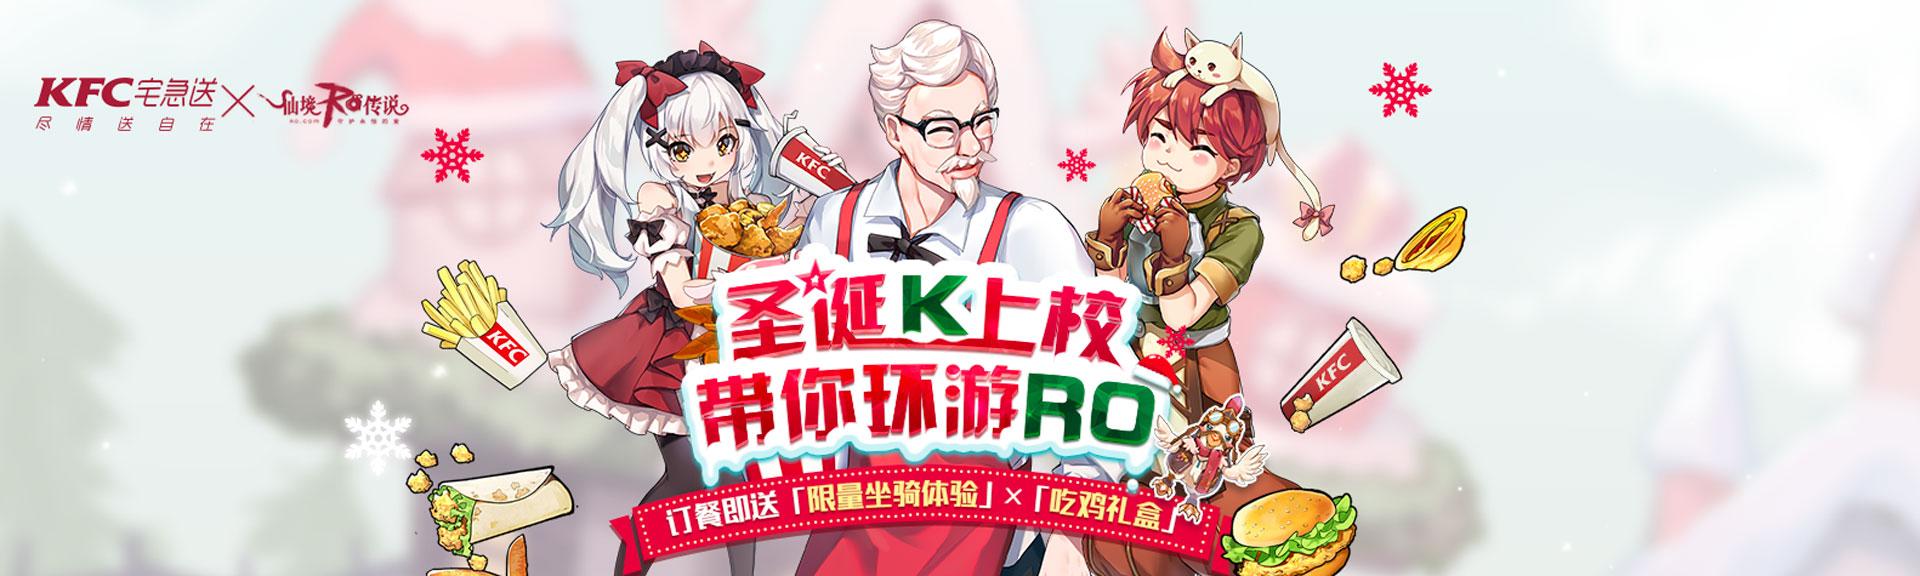 仙境传说RO手游xKFC联动计划全面升级回归,三地主题门店掀起炸鸡旋风